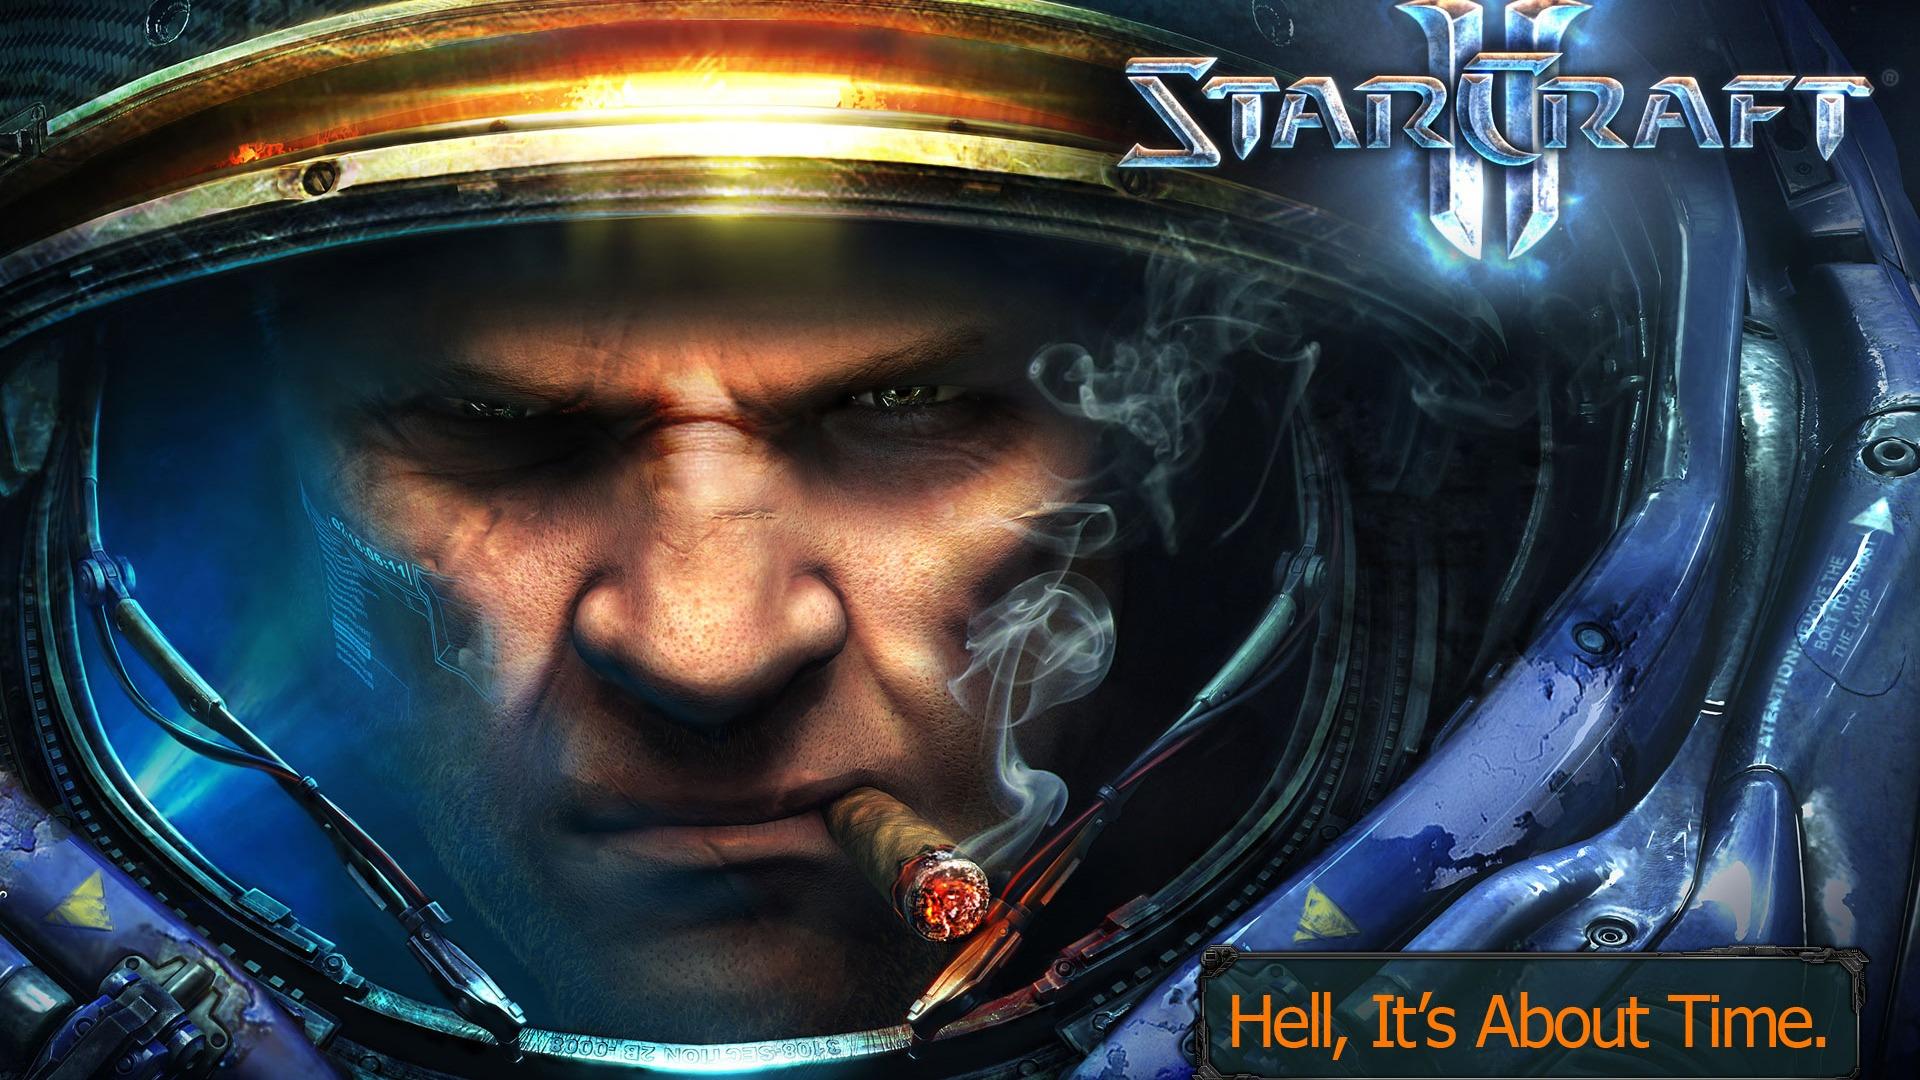 Starcraft 2 Wallpaper , HD Wallpaper & Backgrounds